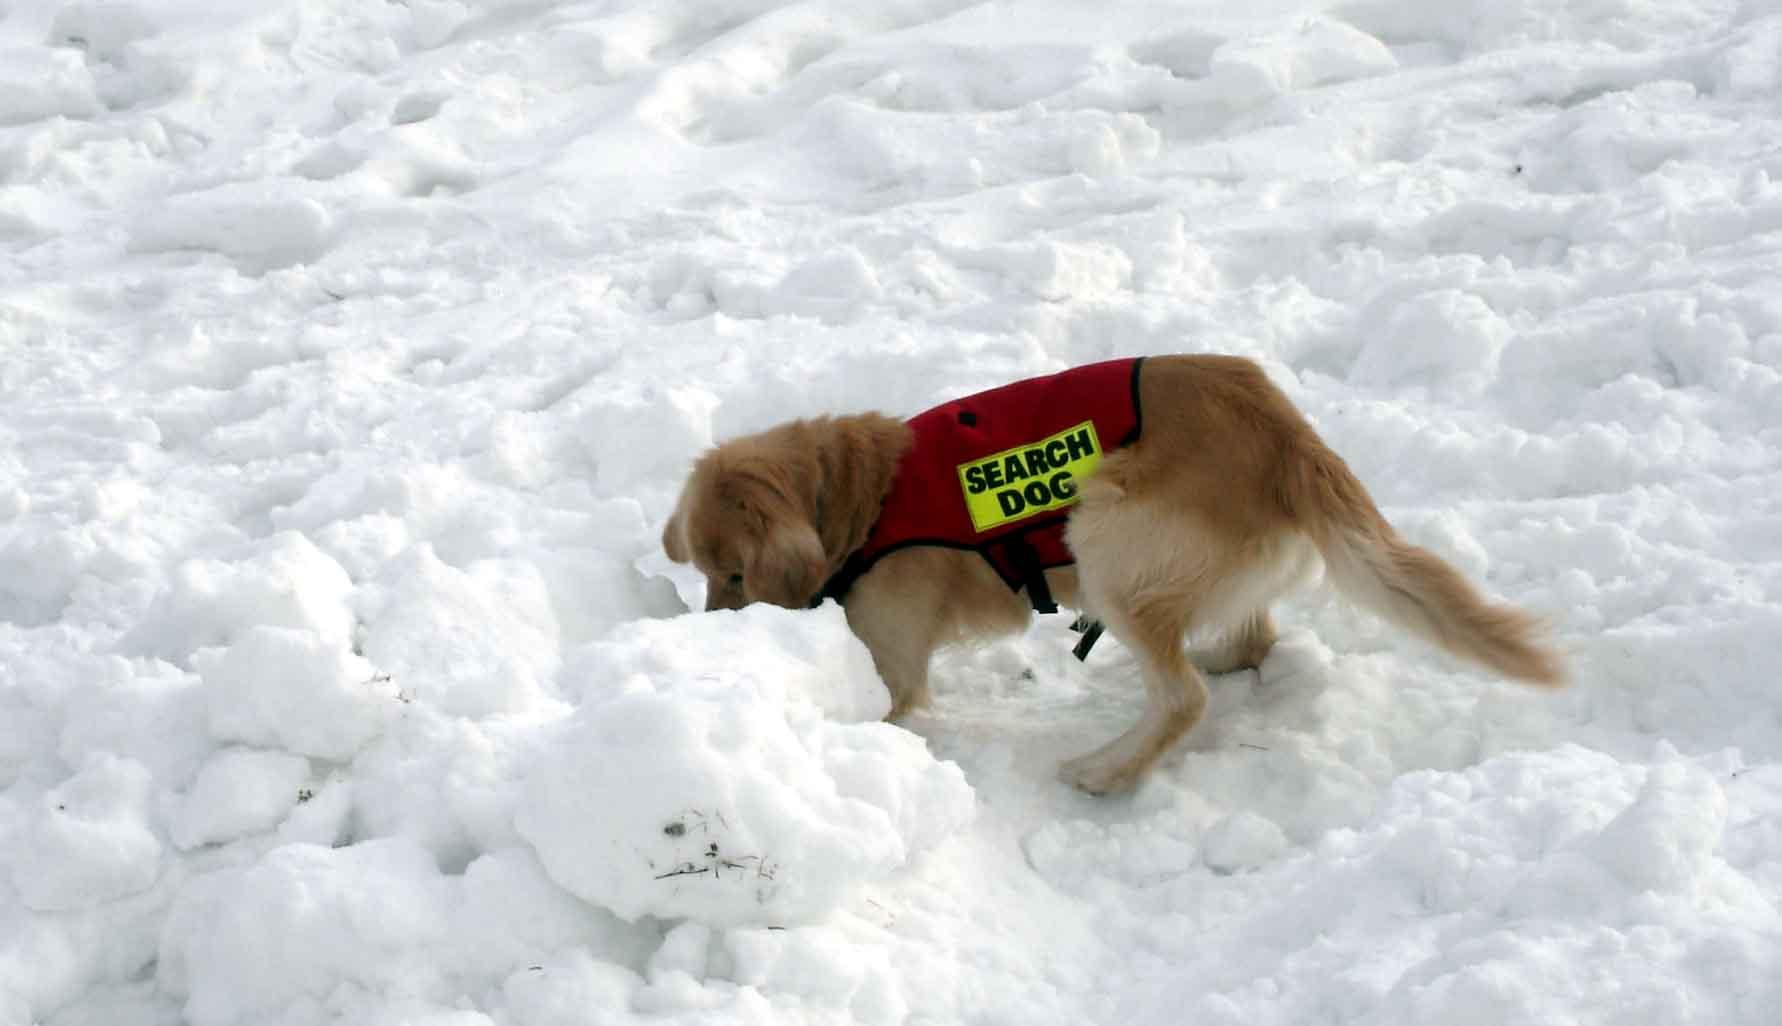 2008.1.14 雪崩捜索犬デモ⑤(埋没者の臭いを捉えたチャンス)